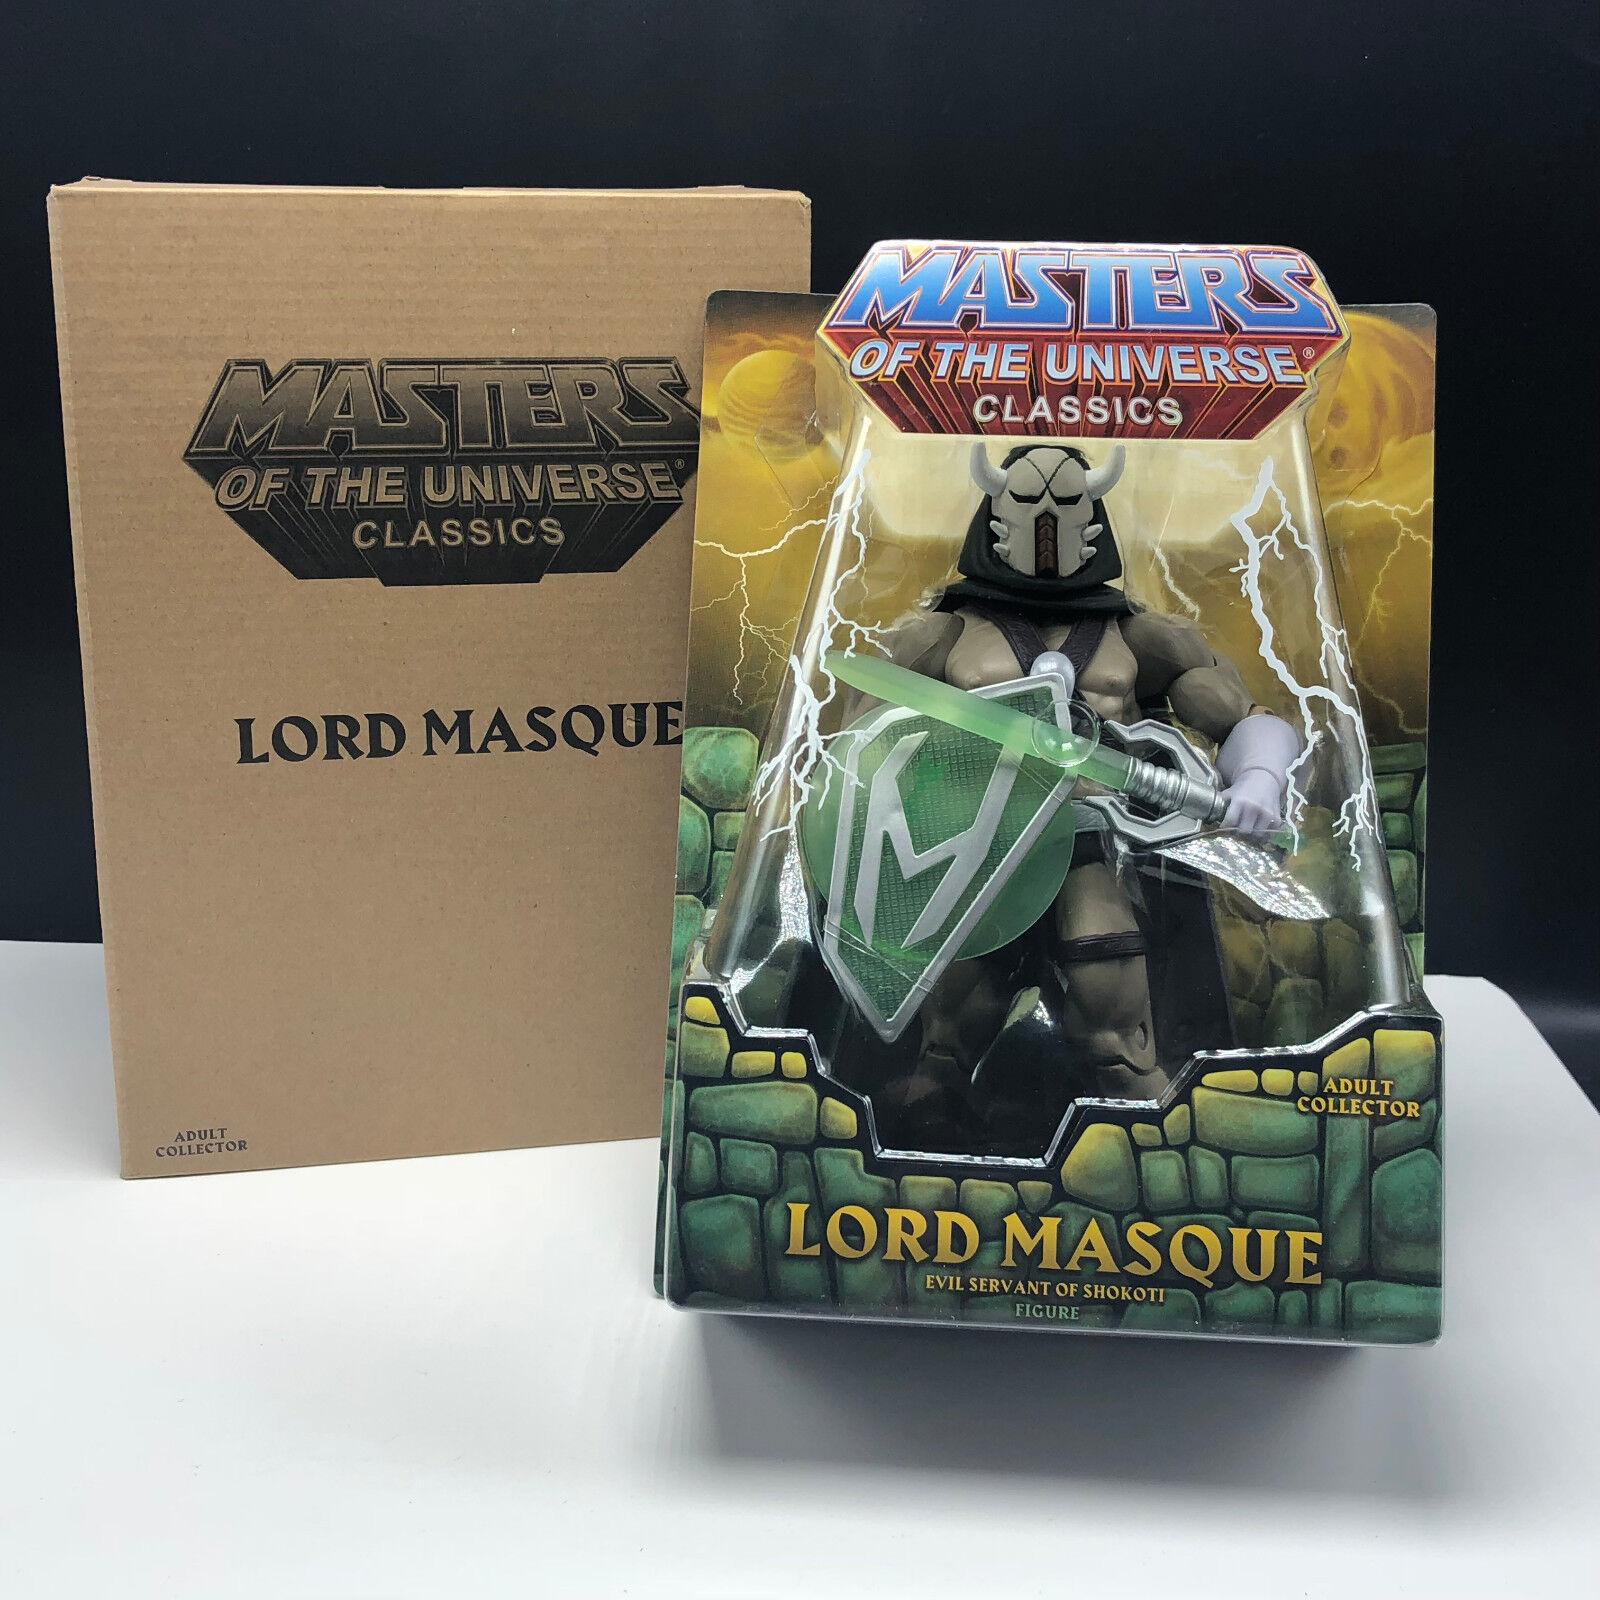 Meister des universums mann klassiker - actionfigur moc mattel herr maske 2